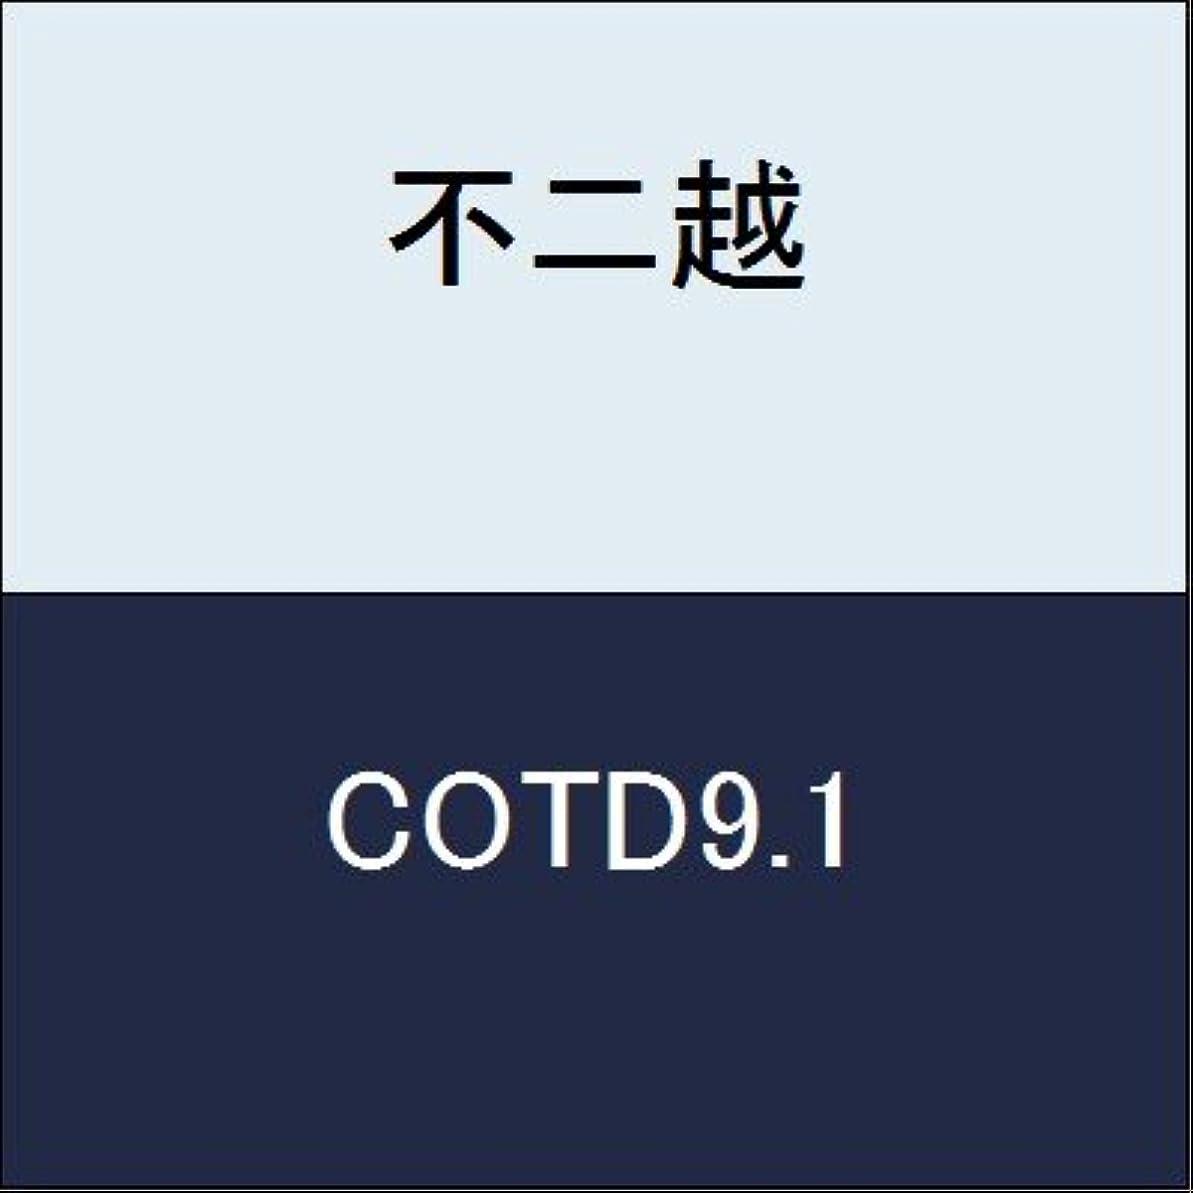 パパ議題なんでも不二越 切削工具 コバルトテーパードリル COTD9.1